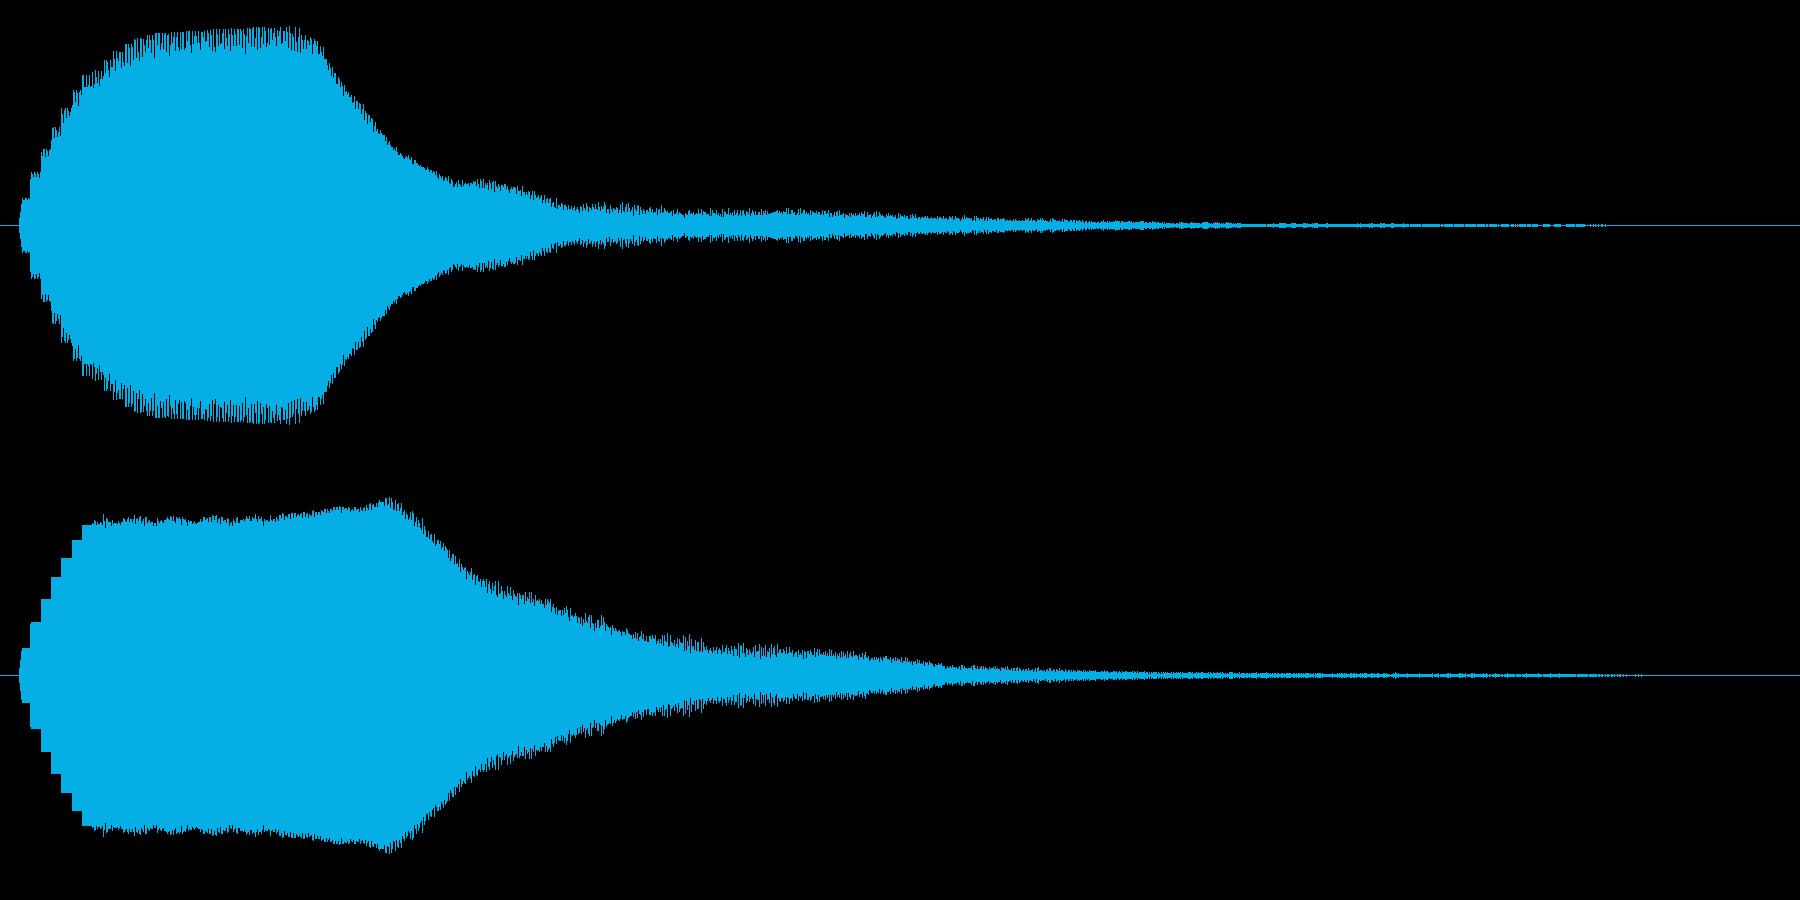 キーンという短い金属音の再生済みの波形